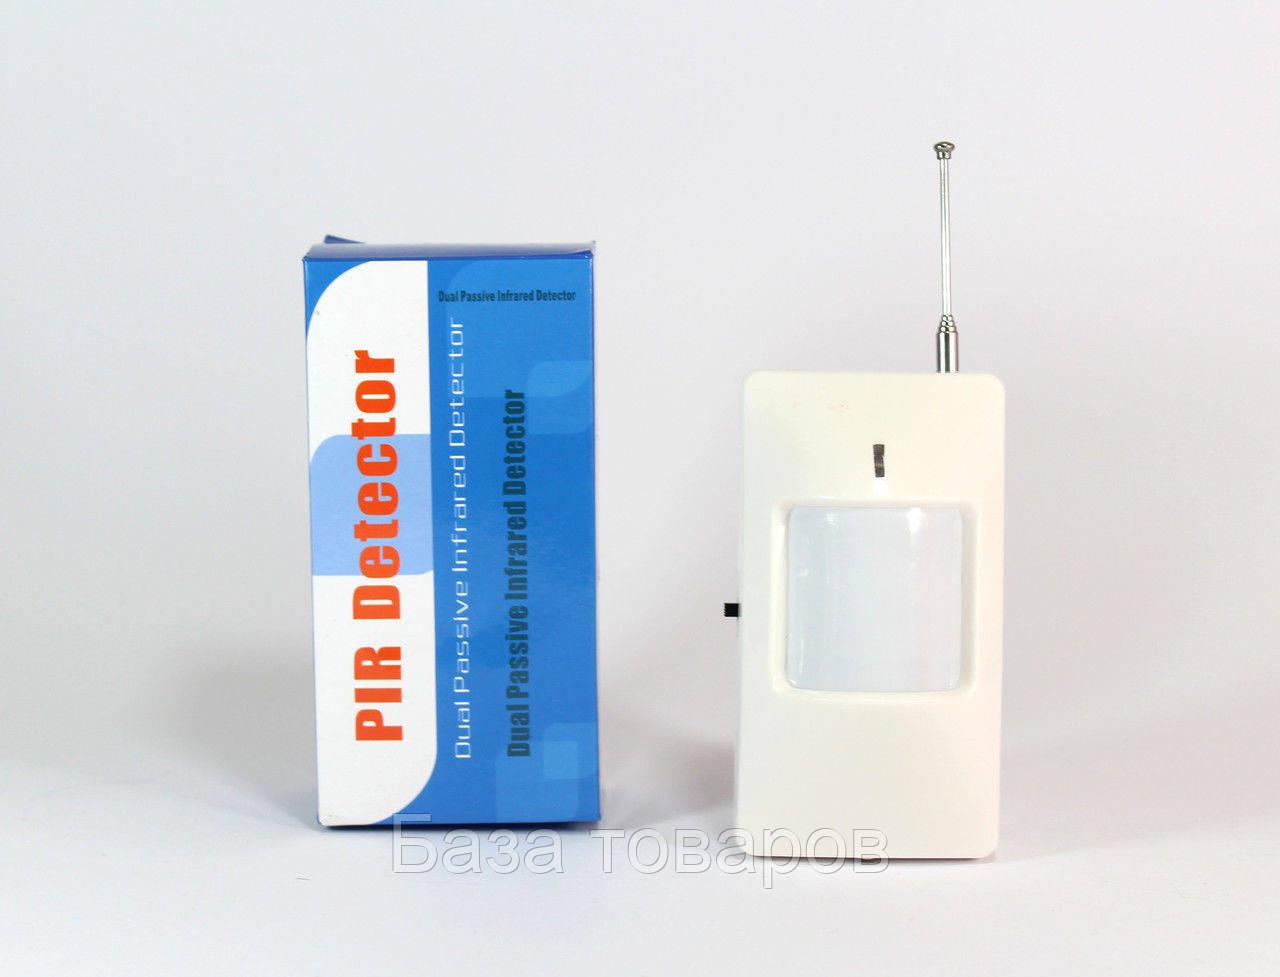 Датчик движения для GSM сигнализации, беспроводной датчик движения 433 мГц для охранной сигнализации - База товаров в Одессе